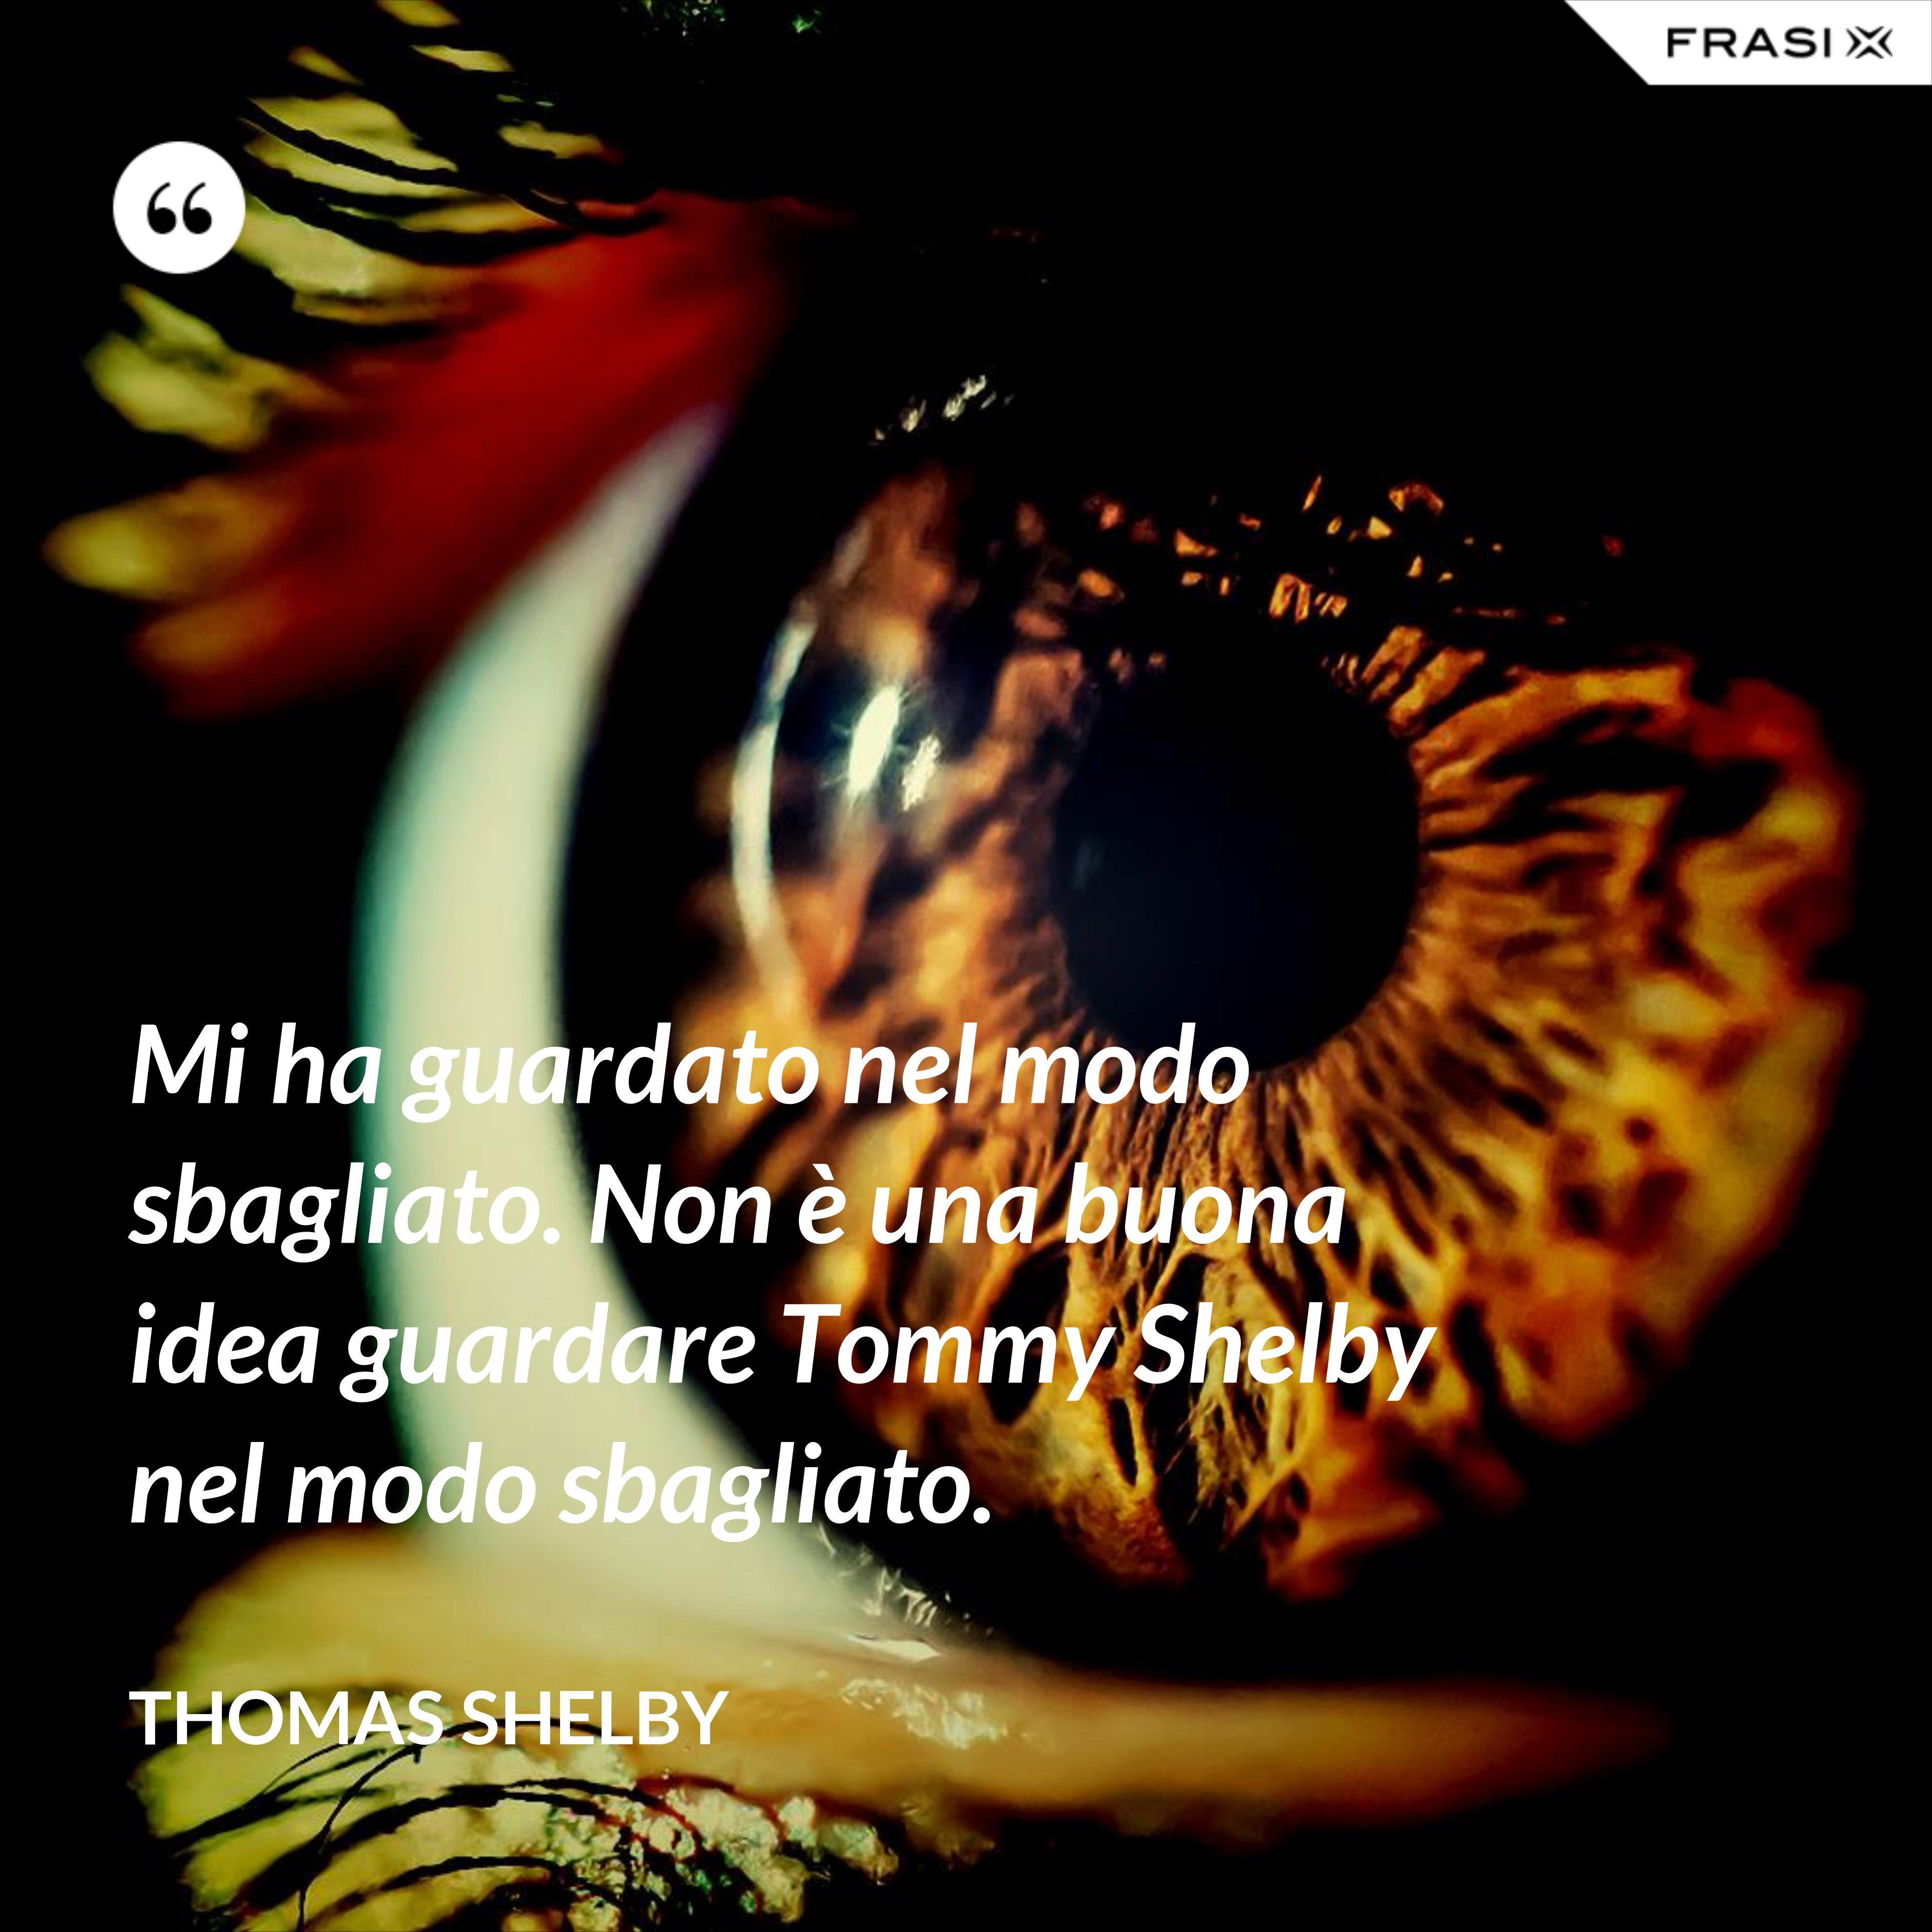 Mi ha guardato nel modo sbagliato. Non è una buona idea guardare Tommy Shelby nel modo sbagliato. - Thomas Shelby